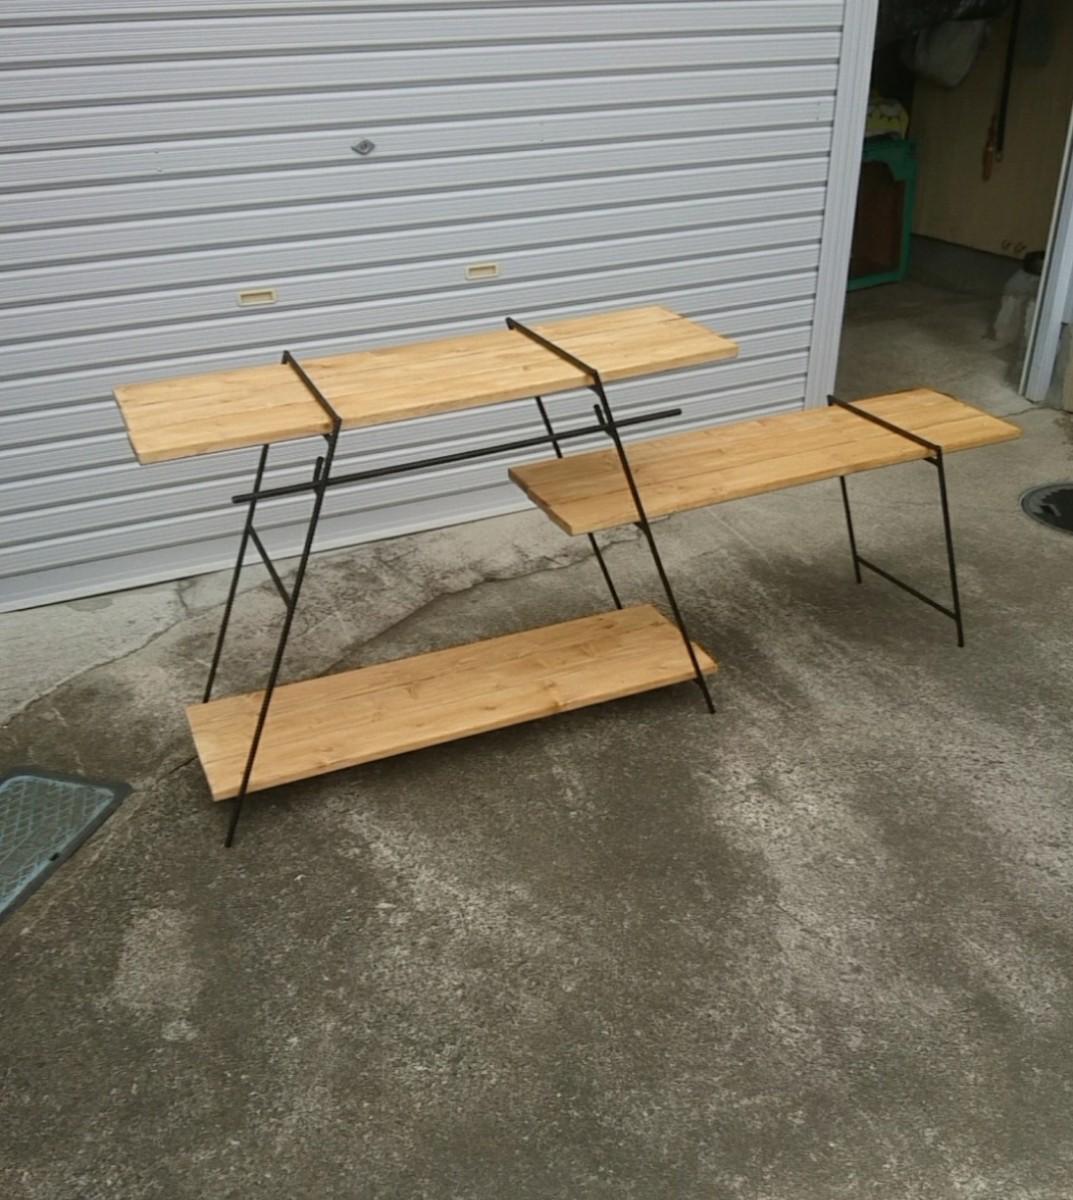 フック&棒  アイアンラック  アイアンテーブル  キャンプ  アウトドア  棚